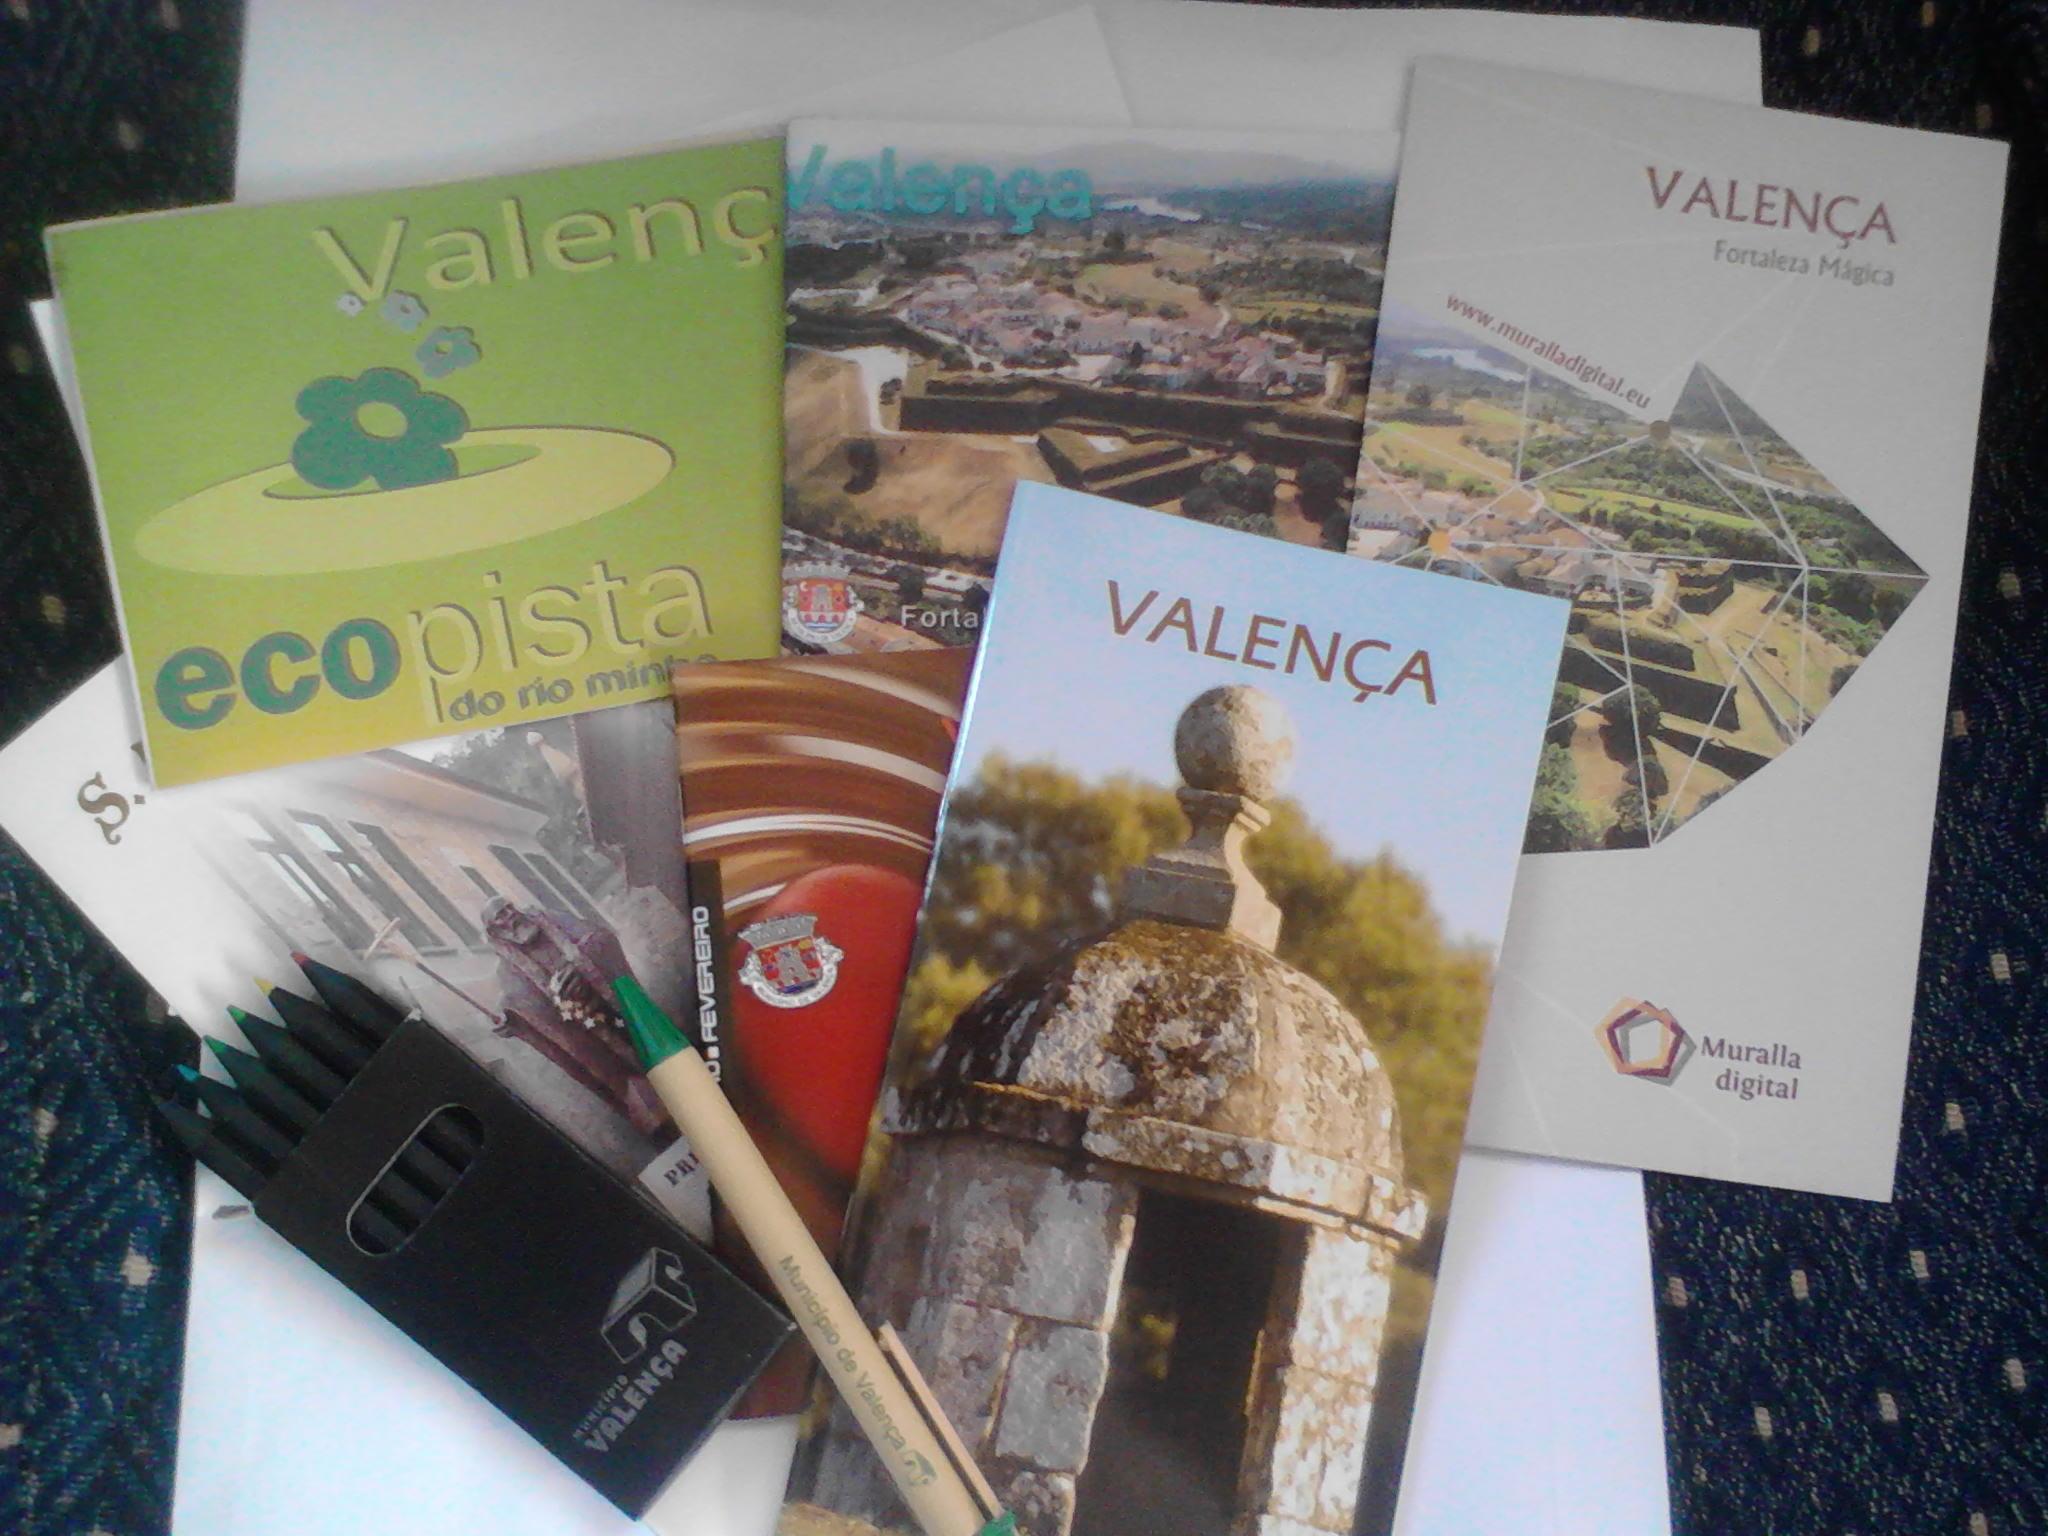 Amostras Valenca - Caneta, Pins e Panfletos [Recebido] 18048155_ANo85